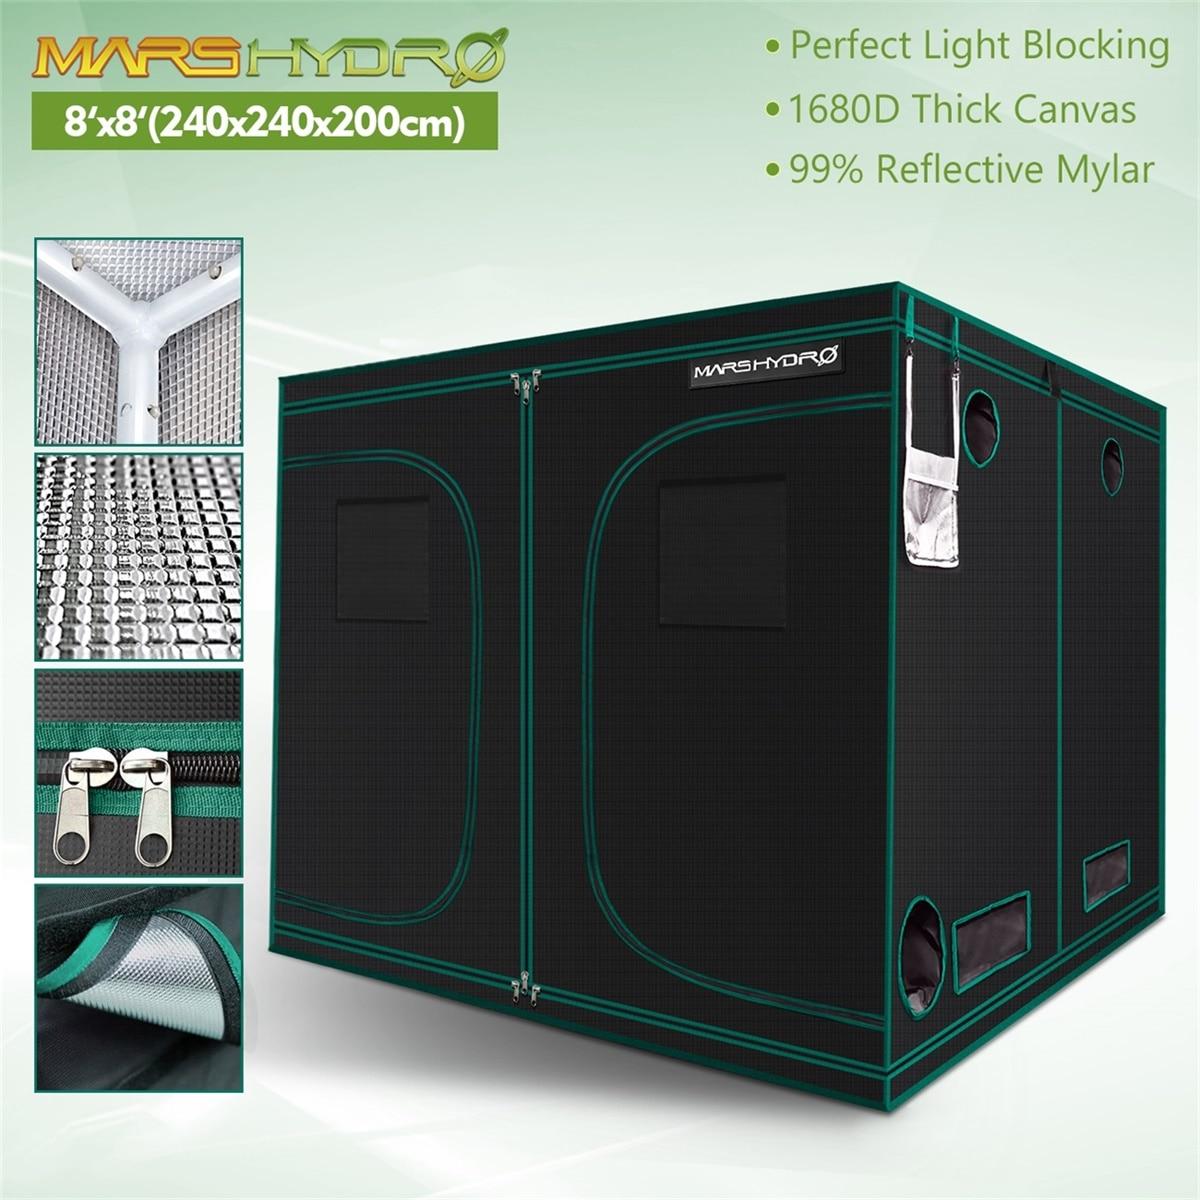 1680D Mars Hydro 240X240X200cm Indoor LED Grow Tent Indoor Growing  System Non-toxic plant room Indoor garden Water-proof hut